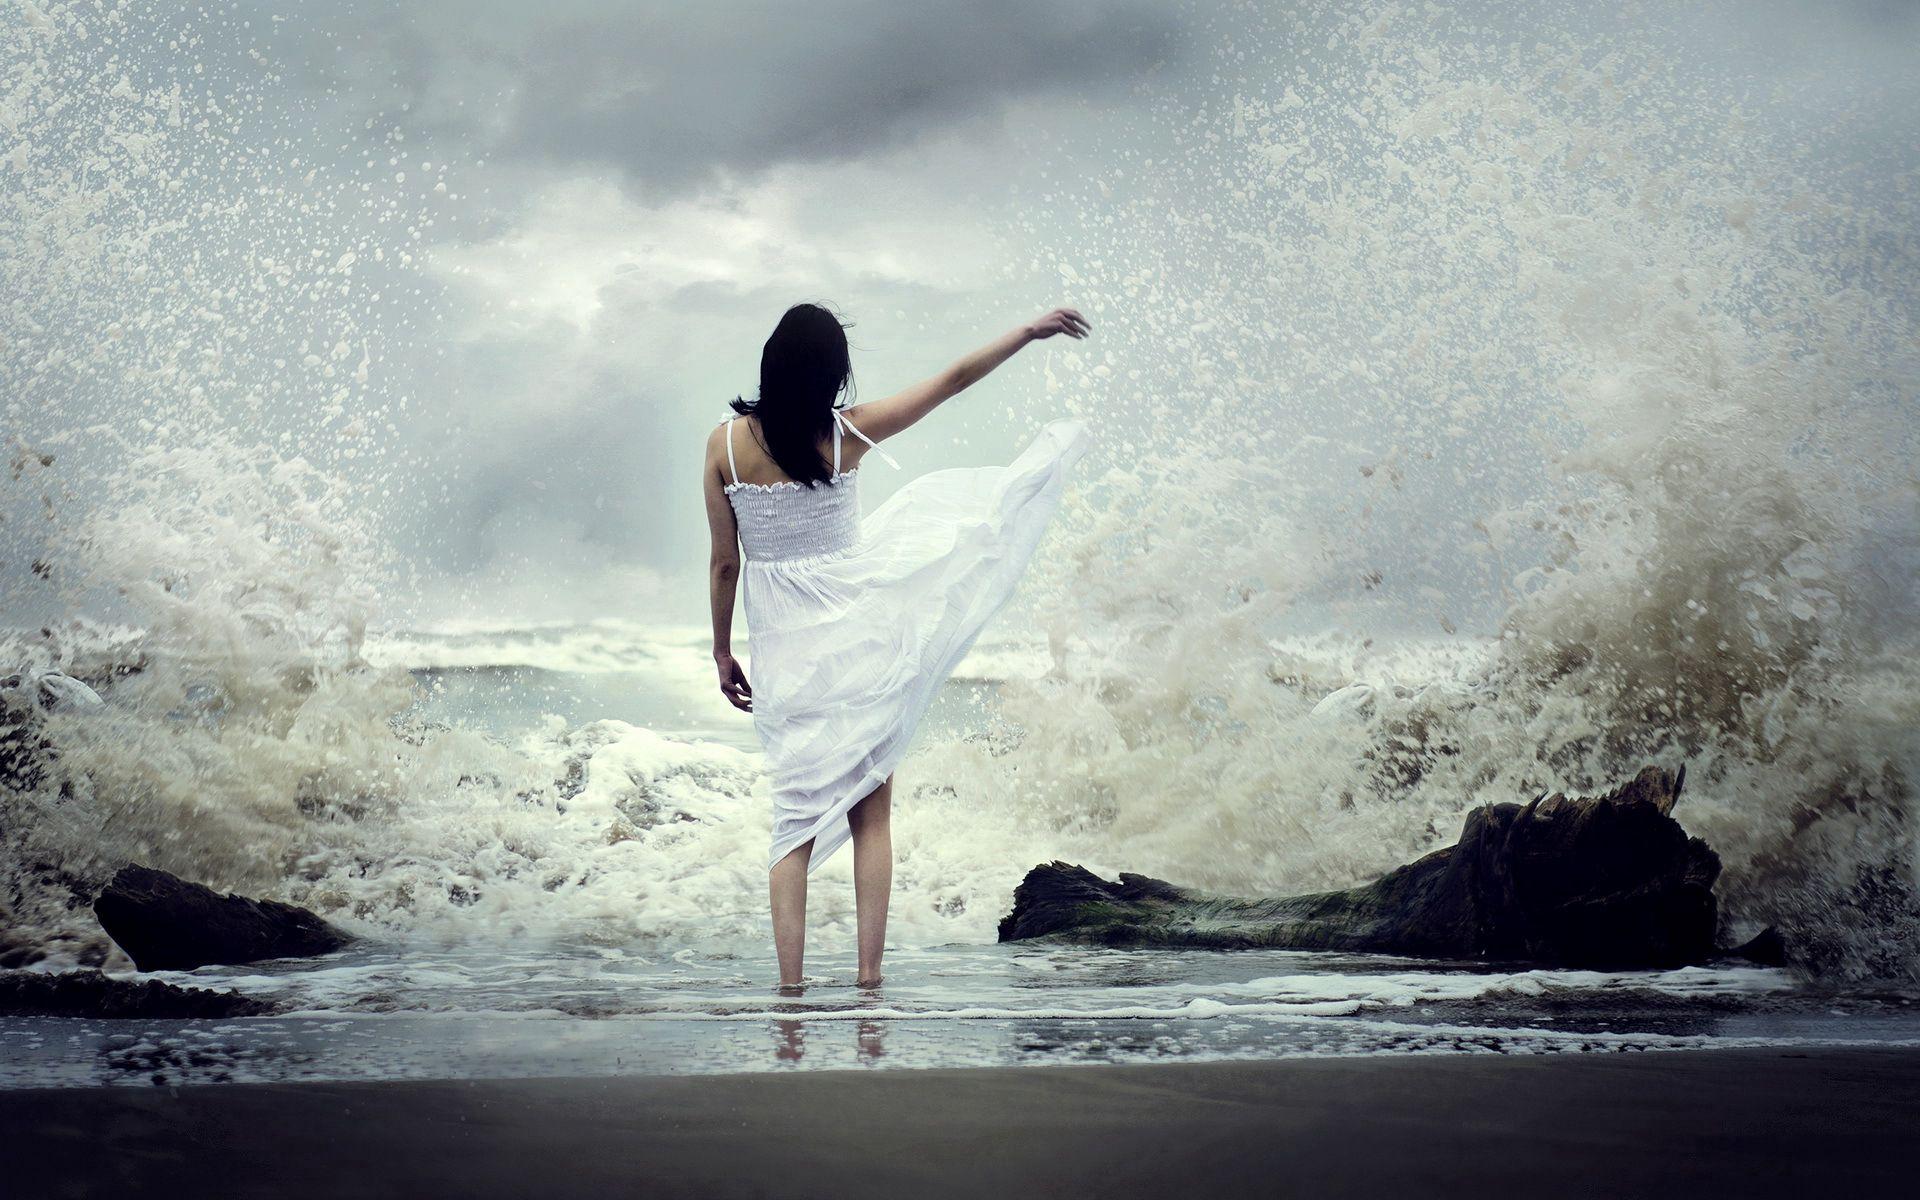 83614 скачать обои Природа, Девушка, Море, Прибой, Платье, Брызги - заставки и картинки бесплатно